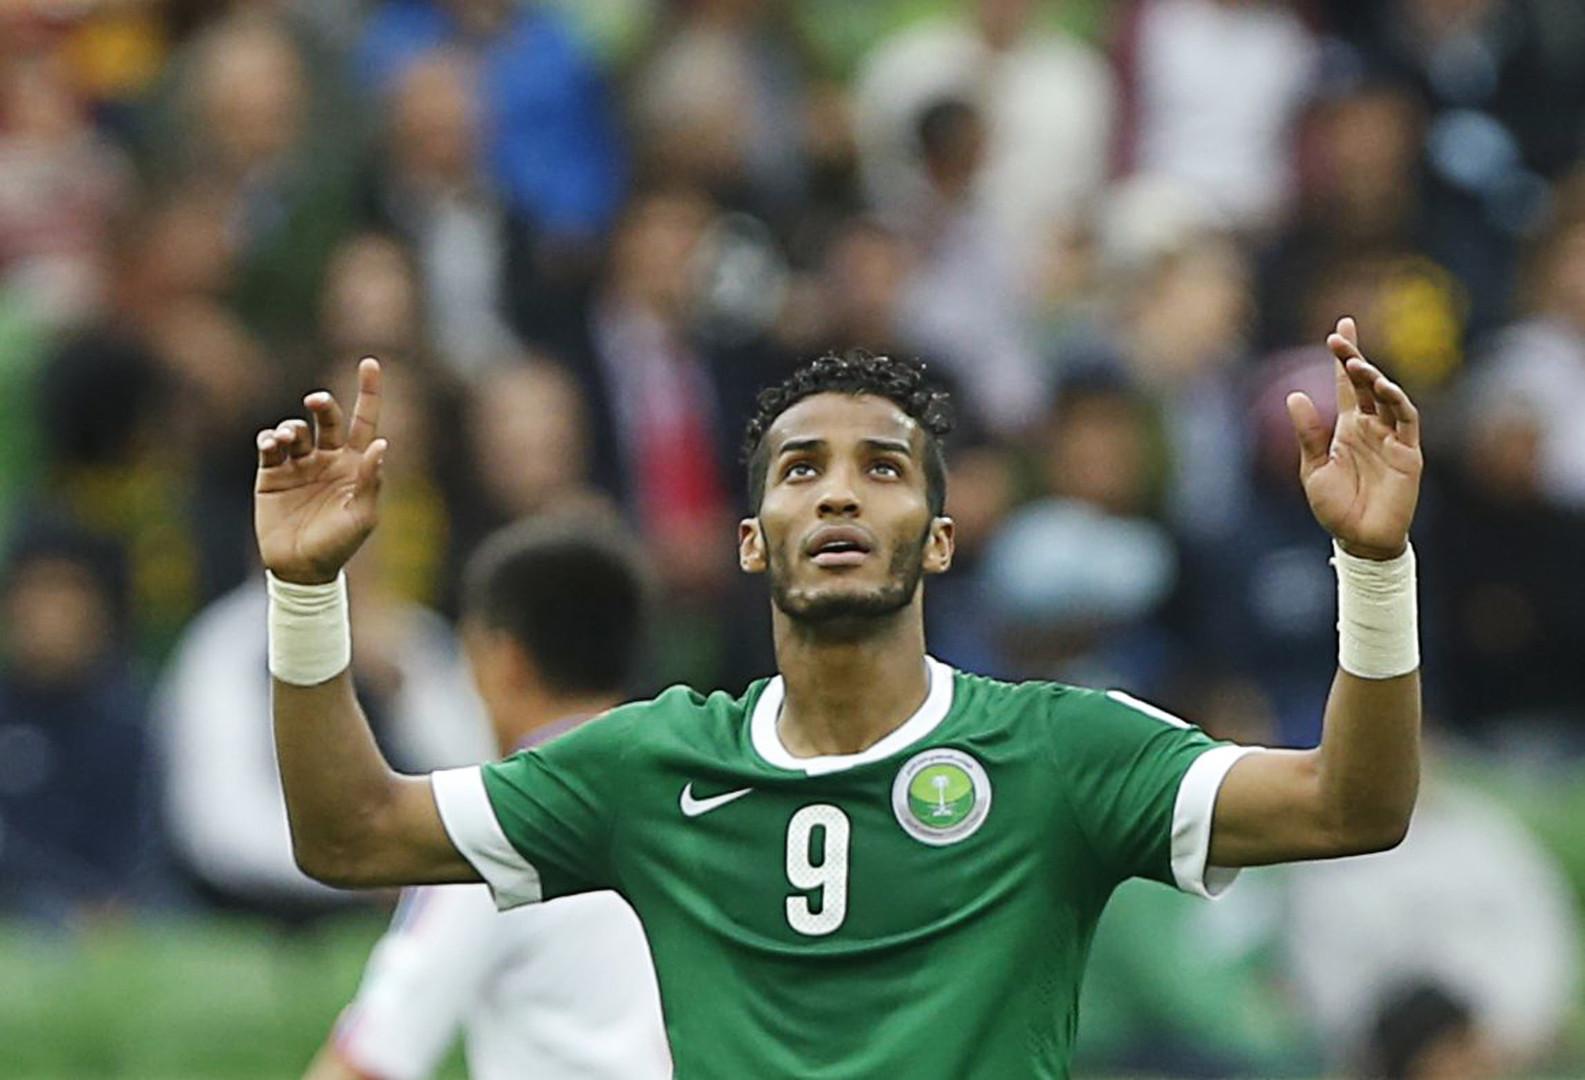 السعودية تطيح بكوريا الشمالية وتنعش آمالها في كأس آسيا